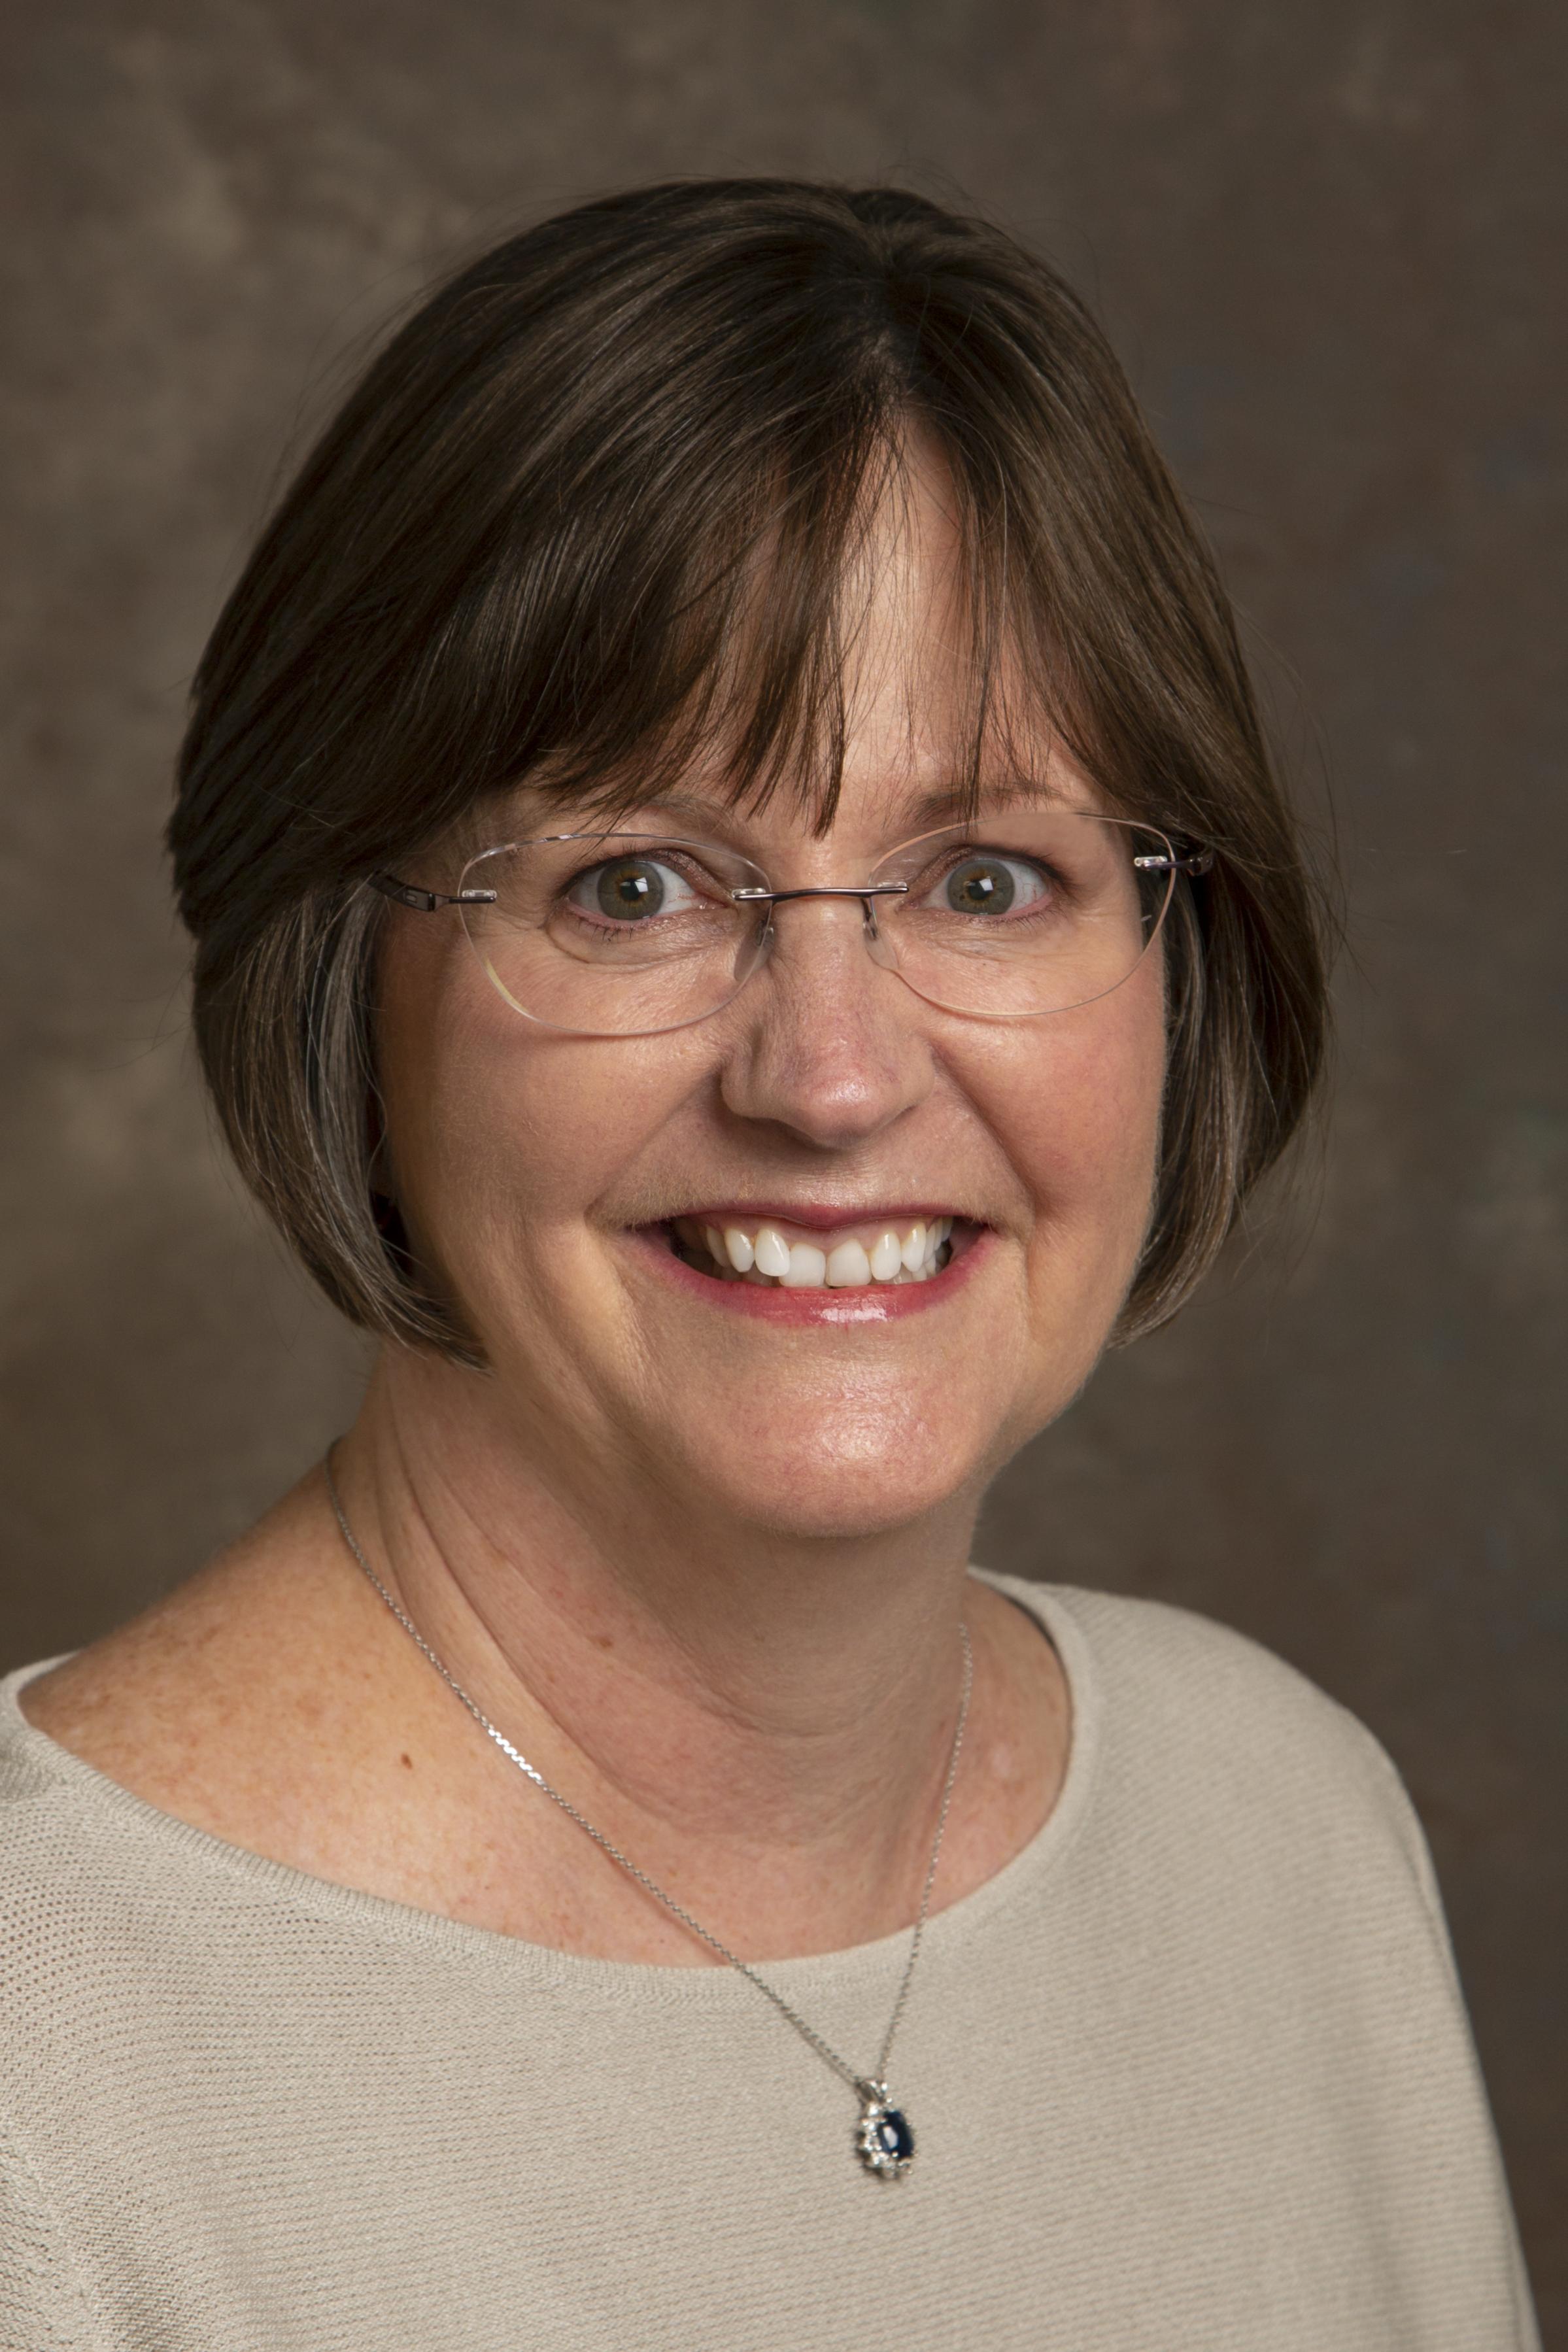 Sharon Walpole portrait